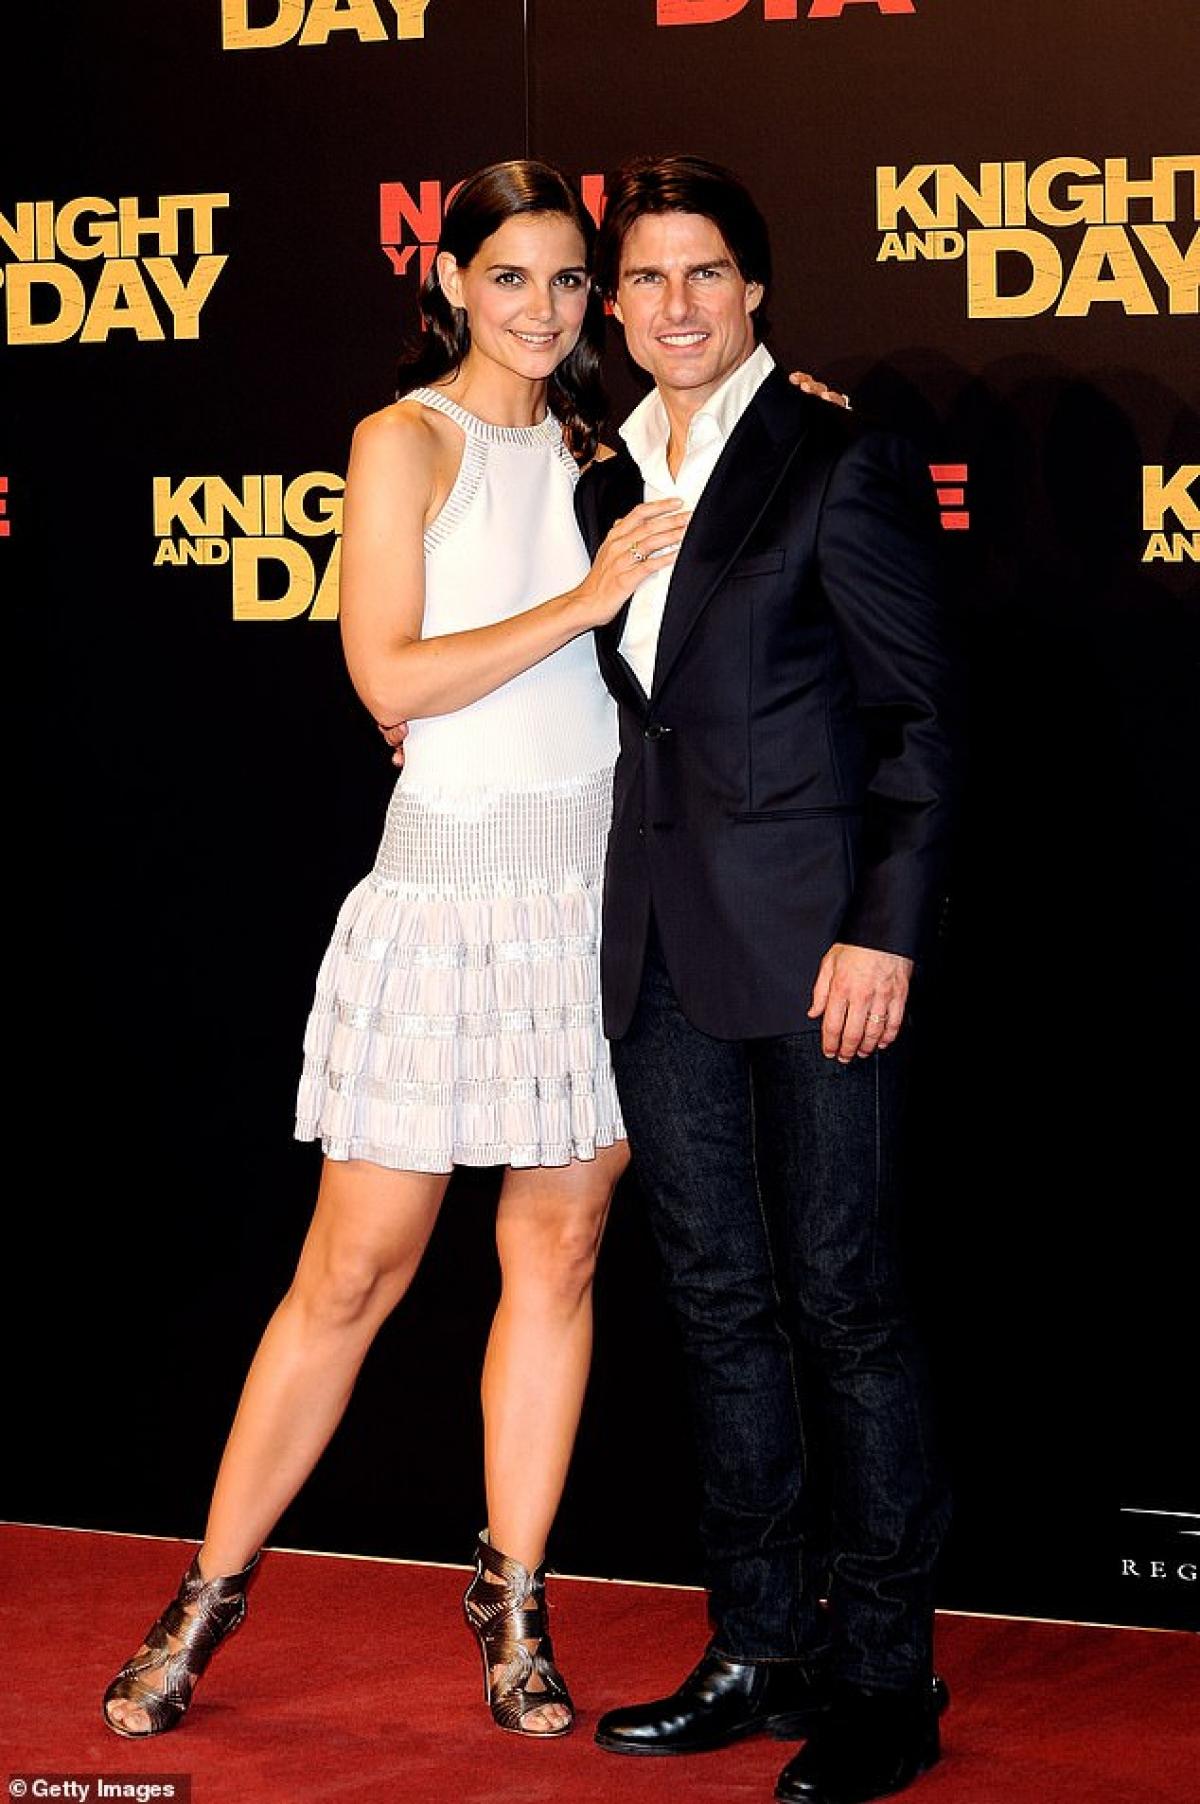 """Suri Cruise là kết quả tình yêu của Katie Holmes và tài tử Tom Cruise. Cặp đôi đã """"đường ai nấy đi"""" trước sự tiếc nuối của đông đảo người hâm mộ."""